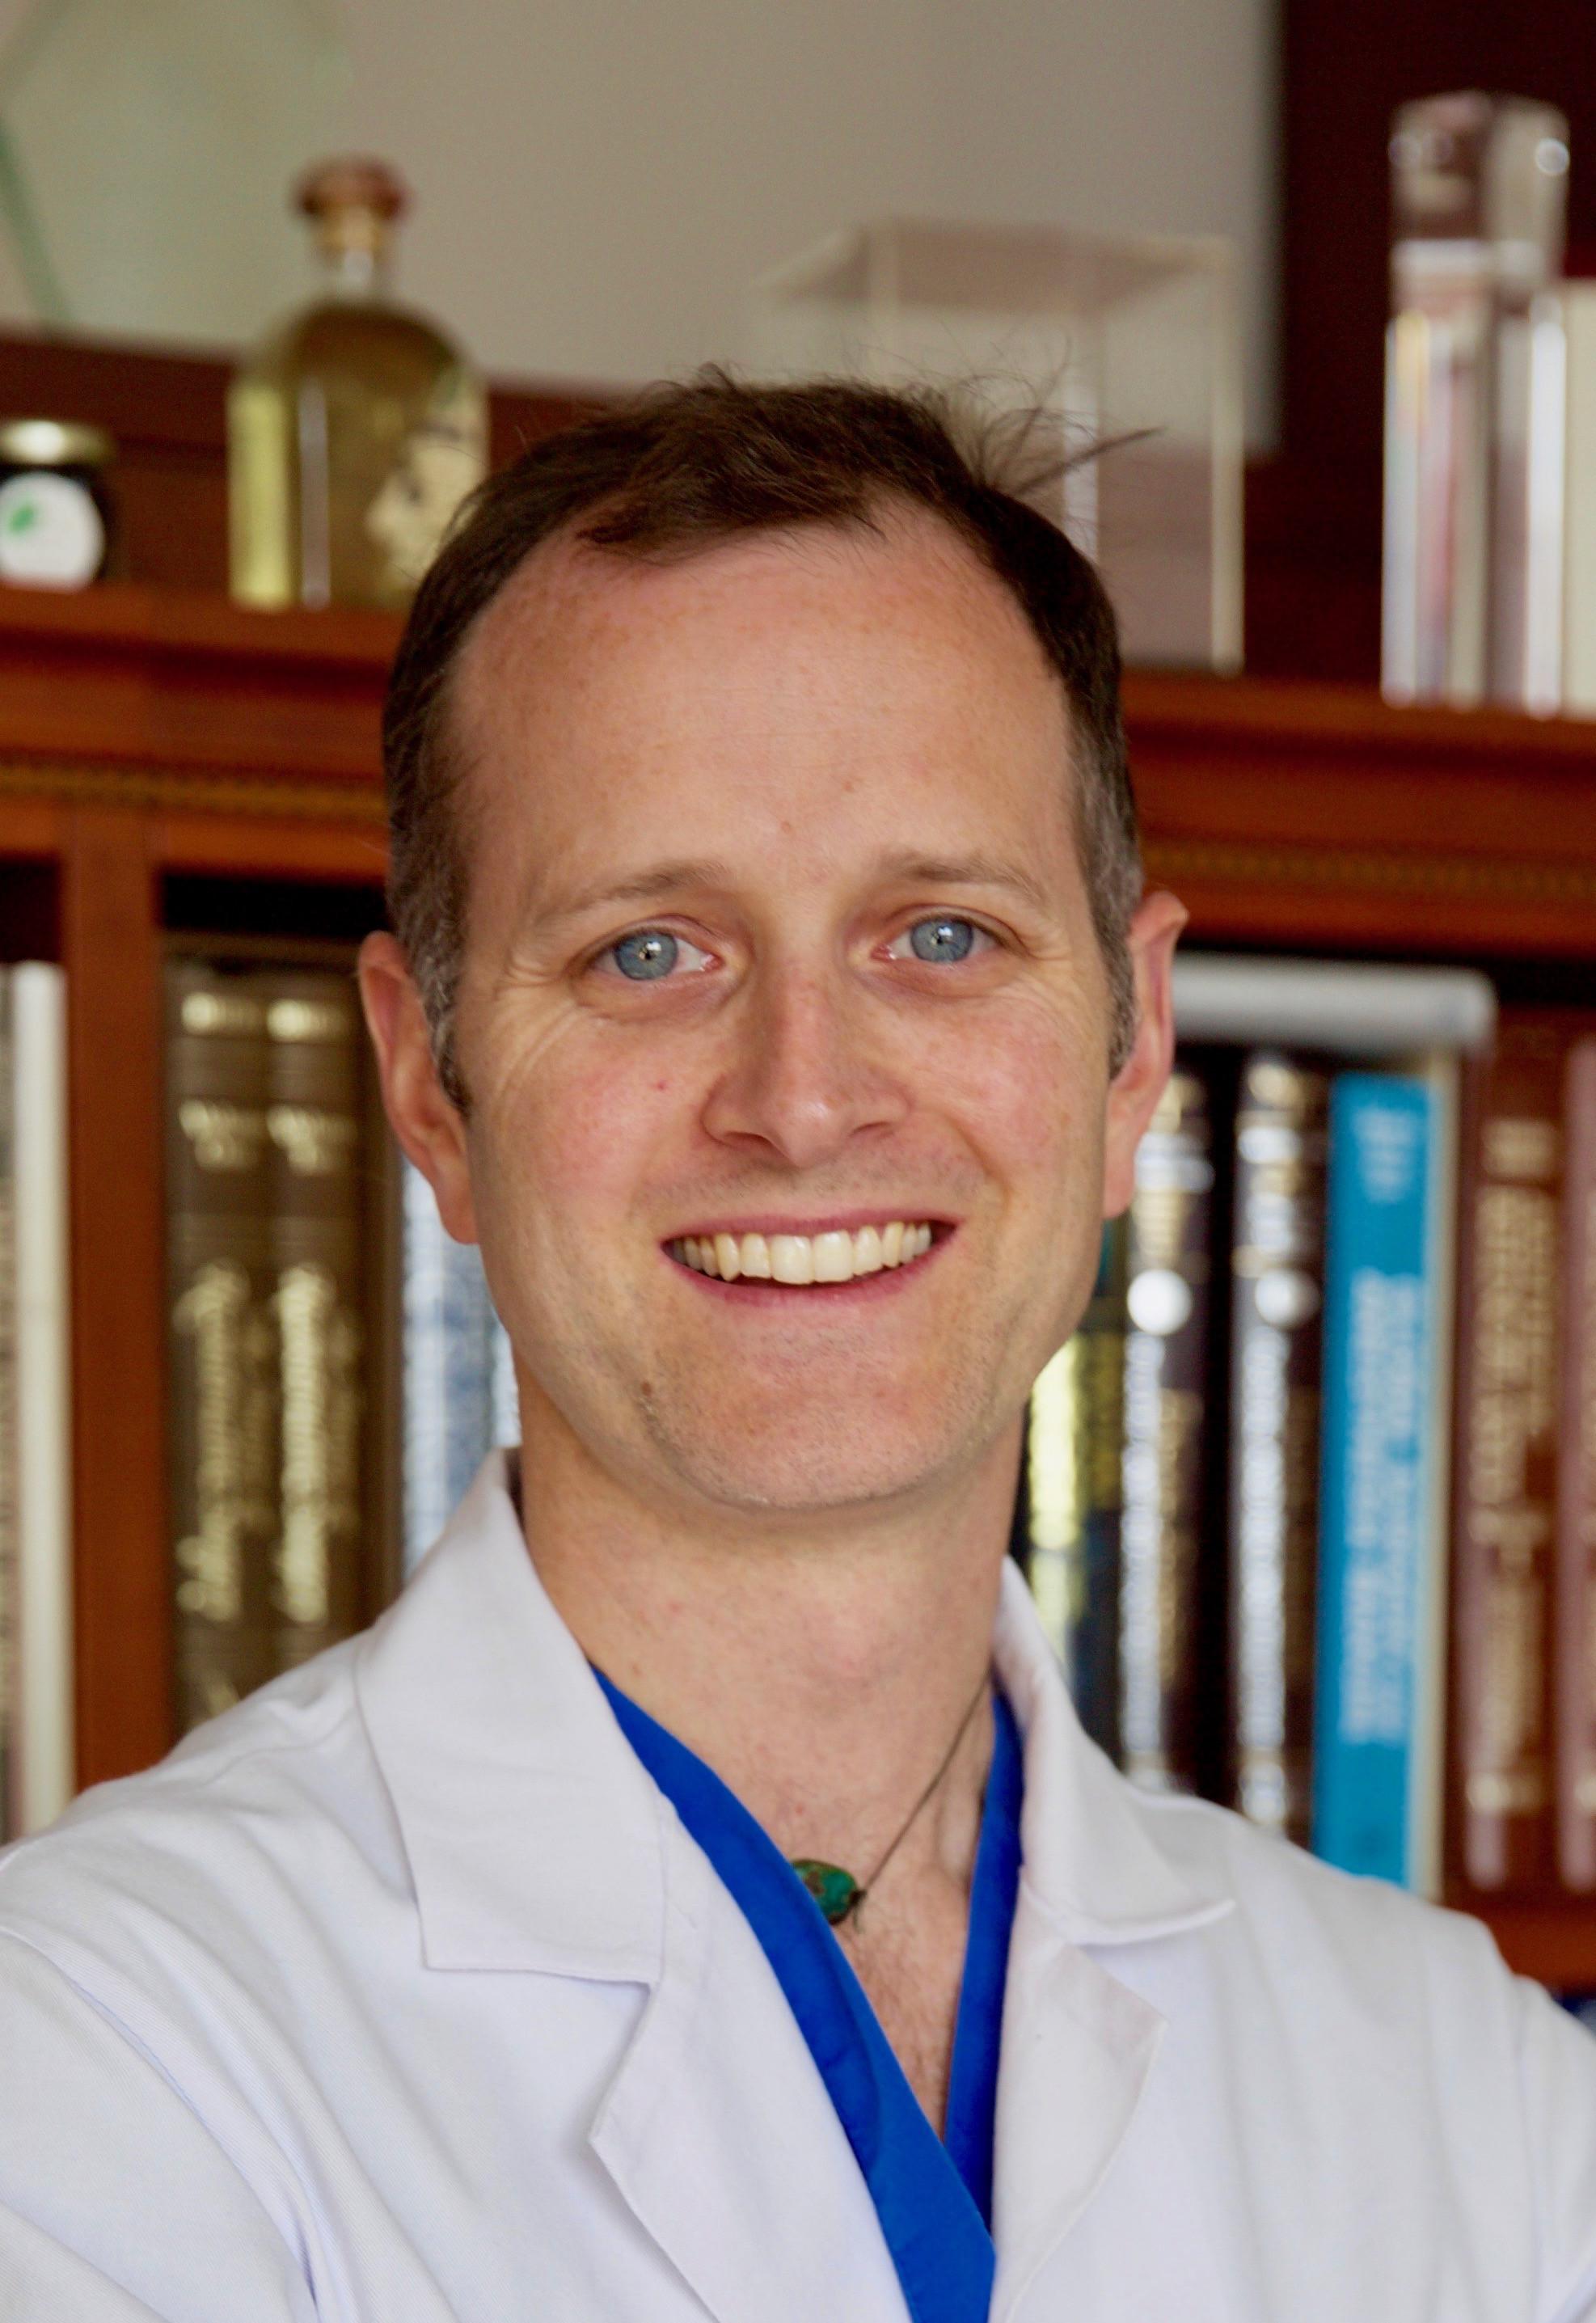 David A. Shaye, MD, MPH's avatar